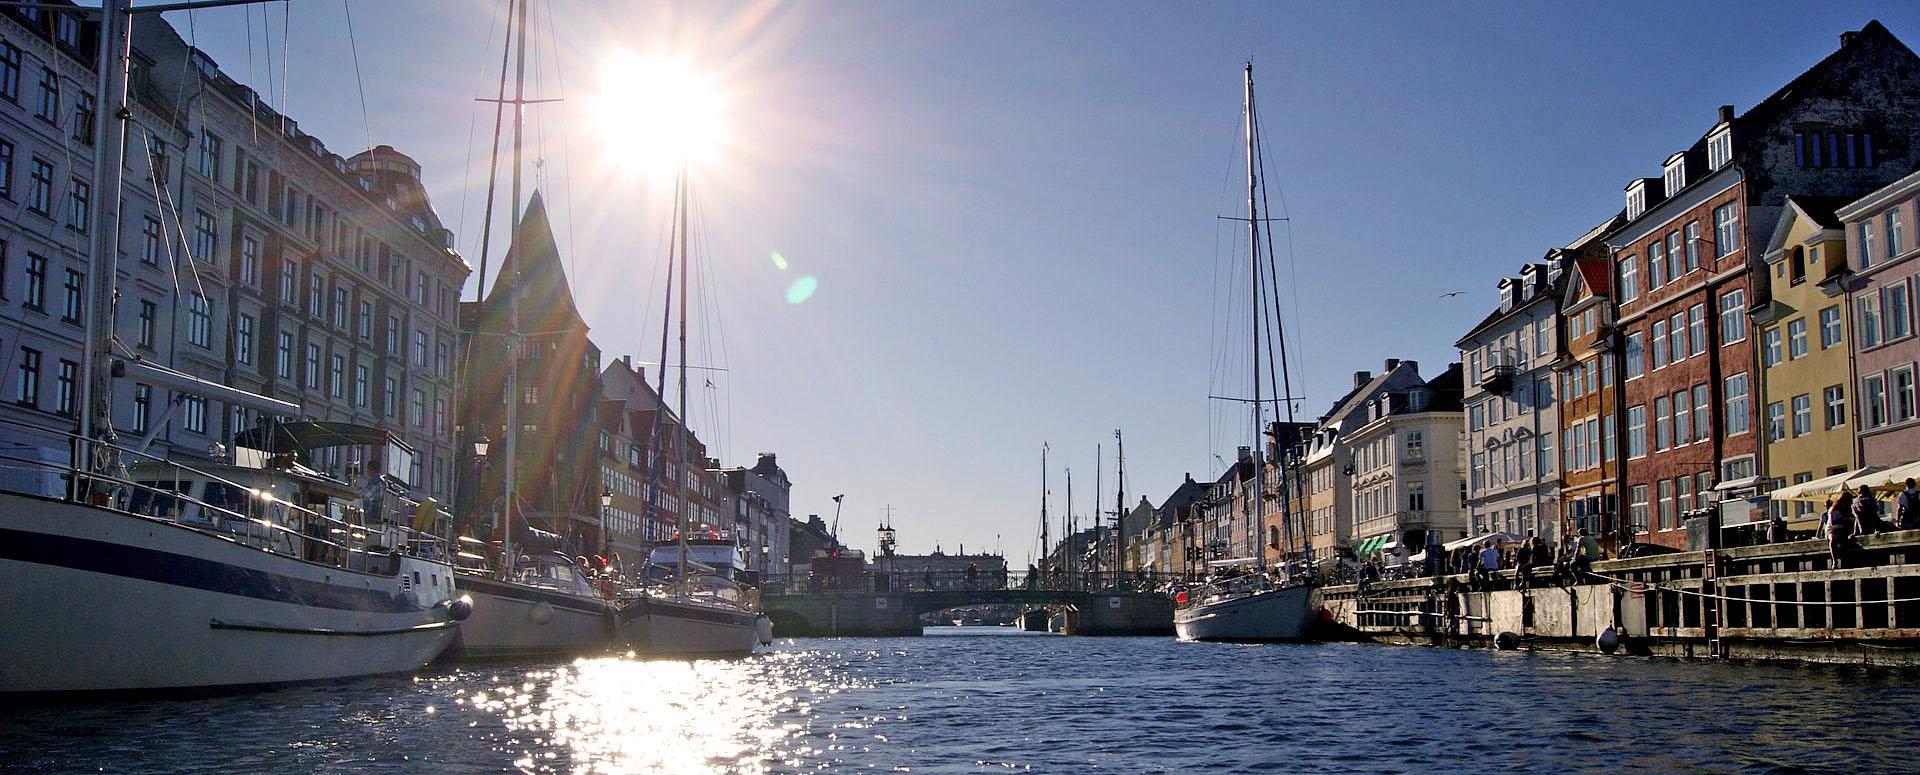 Beliebter Treffpunkt in Kopenhagen: der Nyhavn